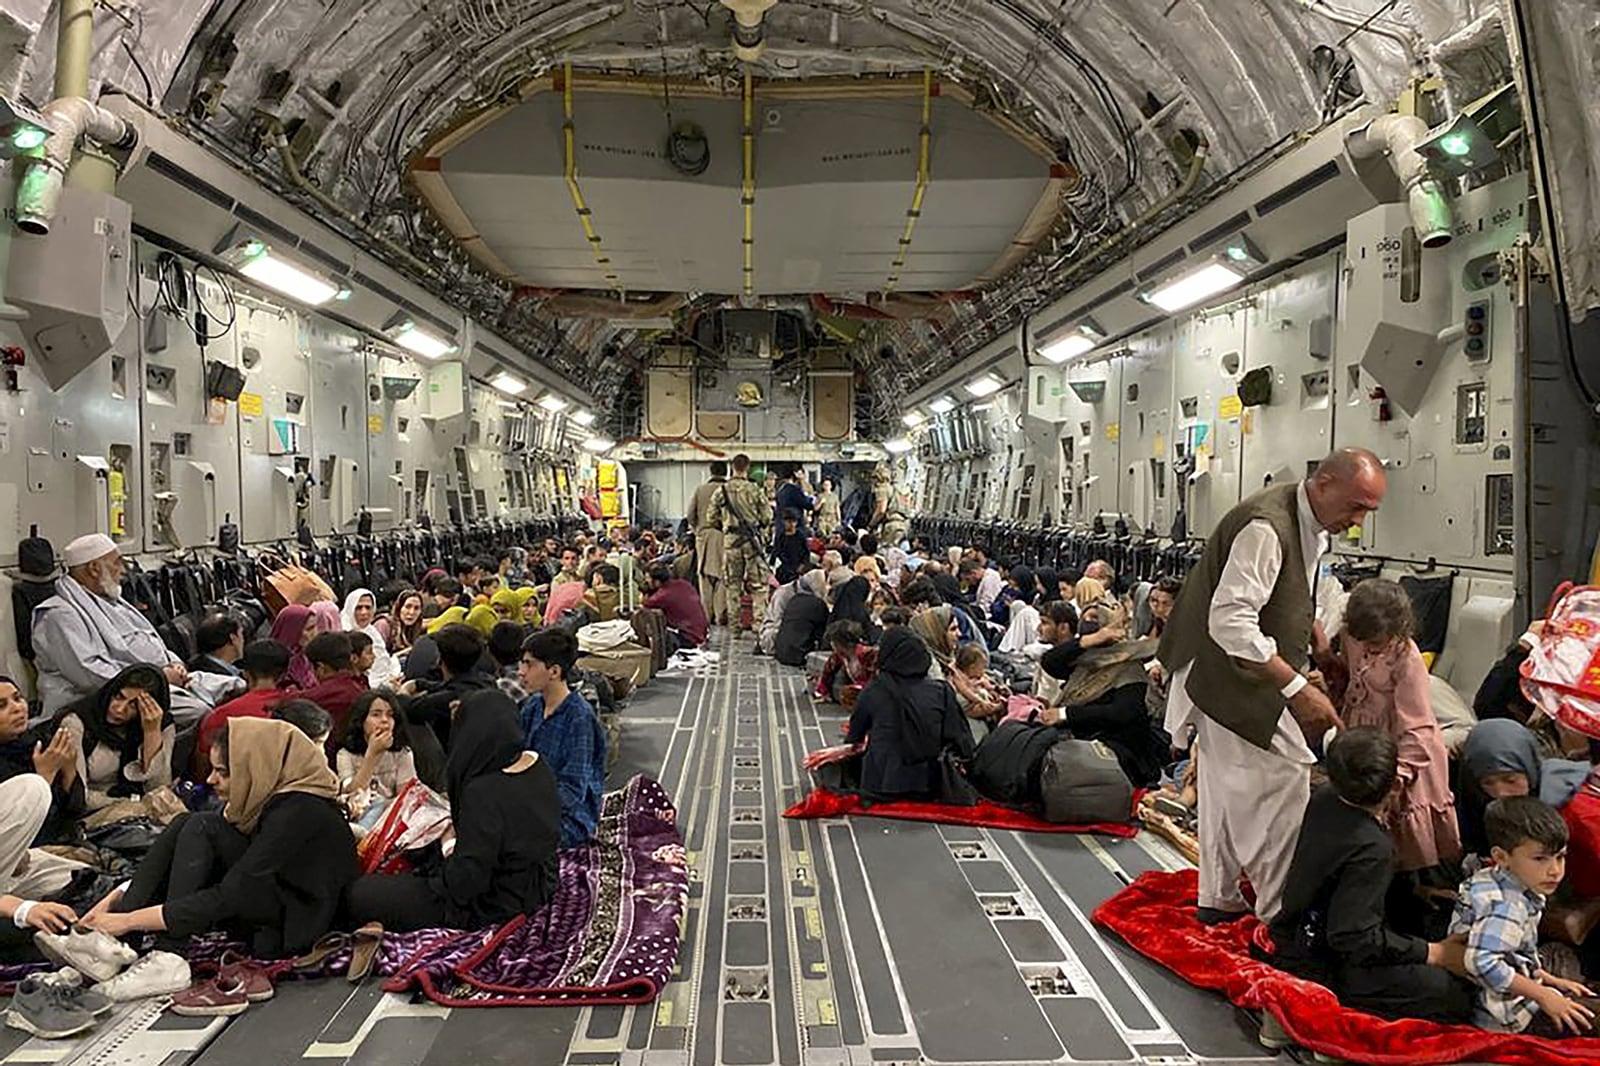 Afganesos que fugen dels talibans dins d'un avió militar dels Estats Units, a Kabul el 19 d'agost. Fotografia de Shakib Rahmani. AFP. Getty Images.